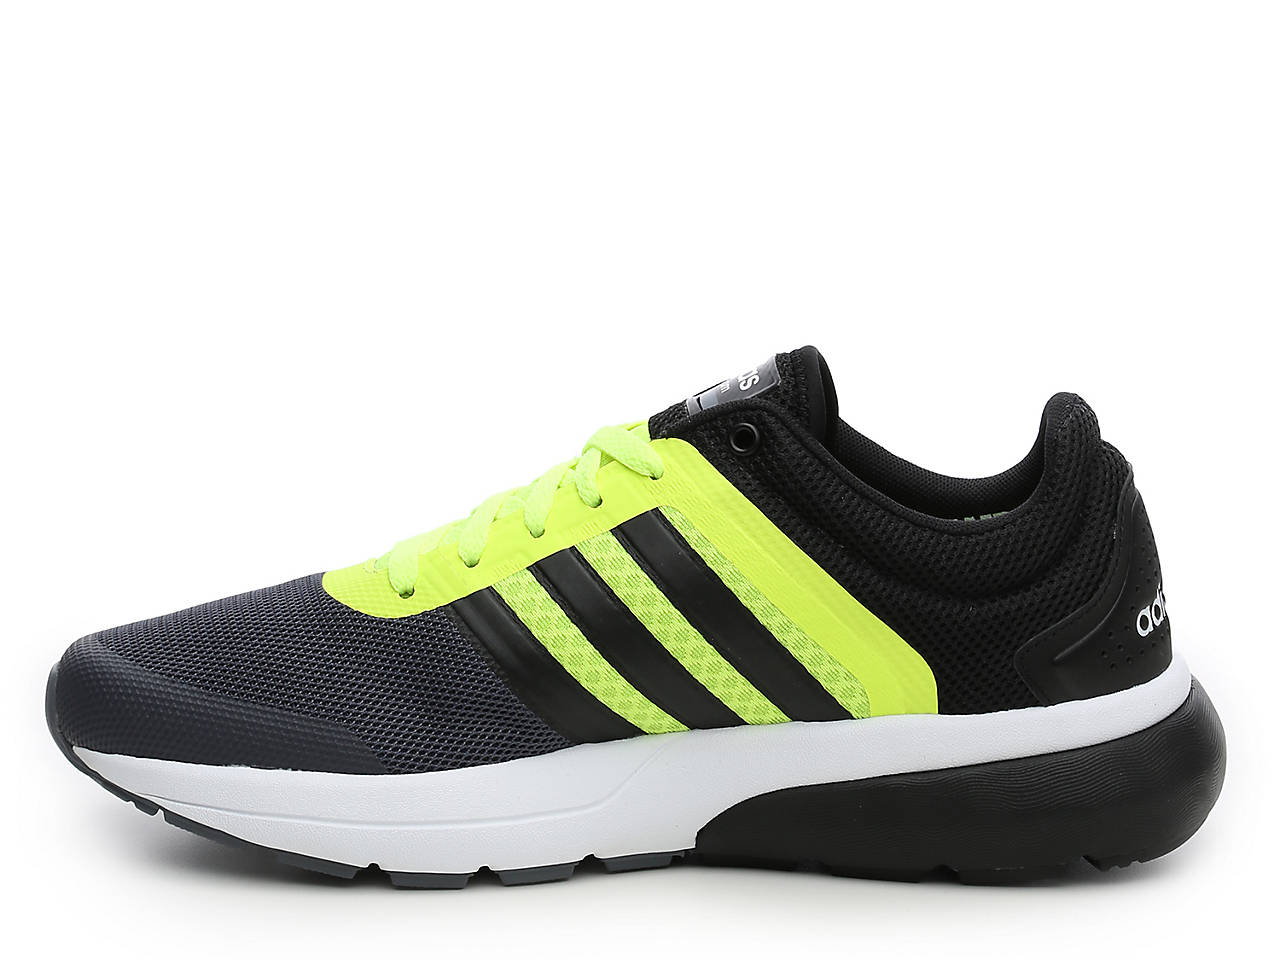 adidas neo cloudfoam flow men's athletic shoes